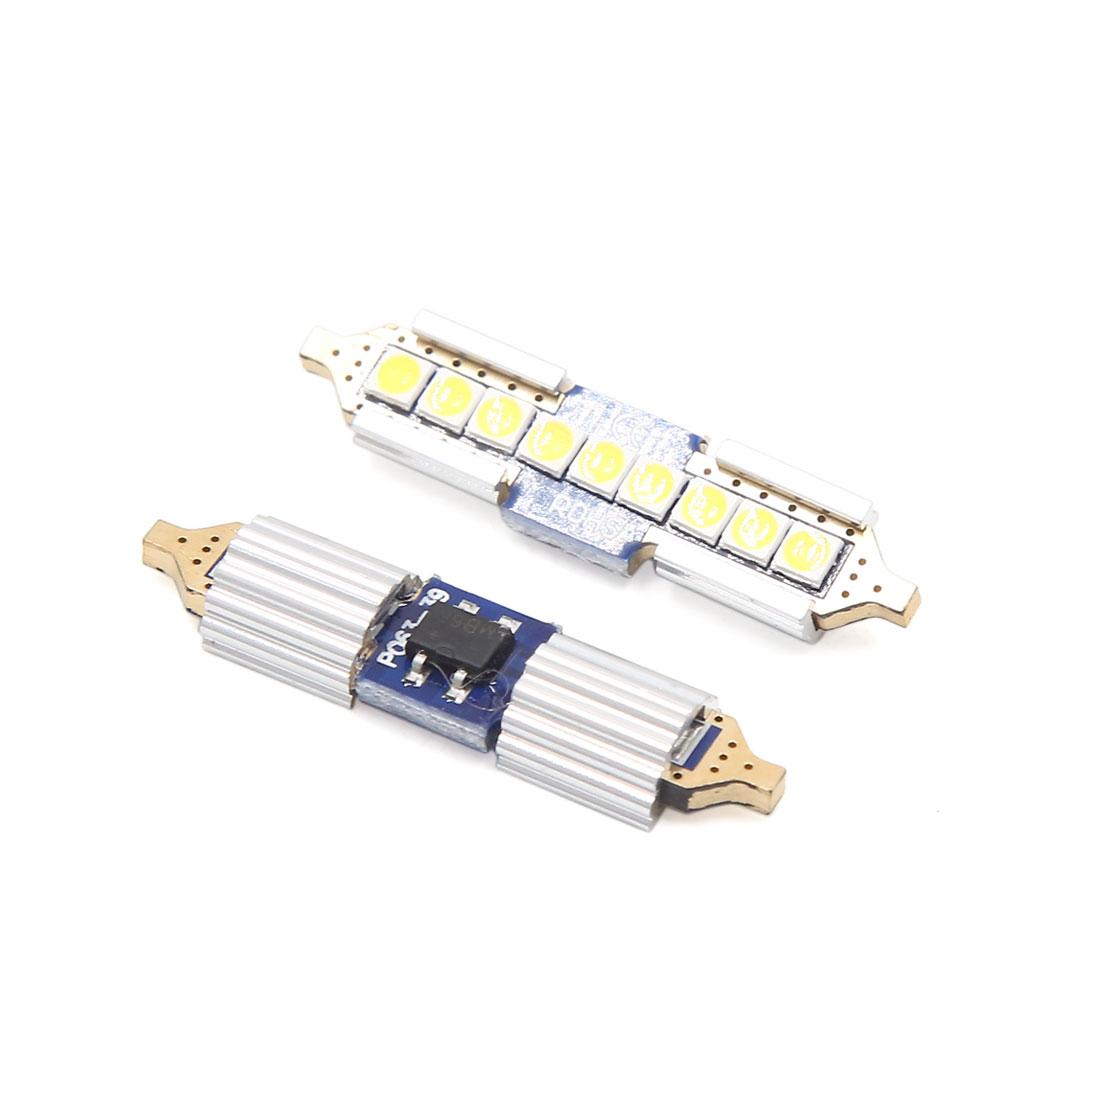 2pcs 39mm White 9 LED Festoon Dome Map Lights Internal Lamp for Car